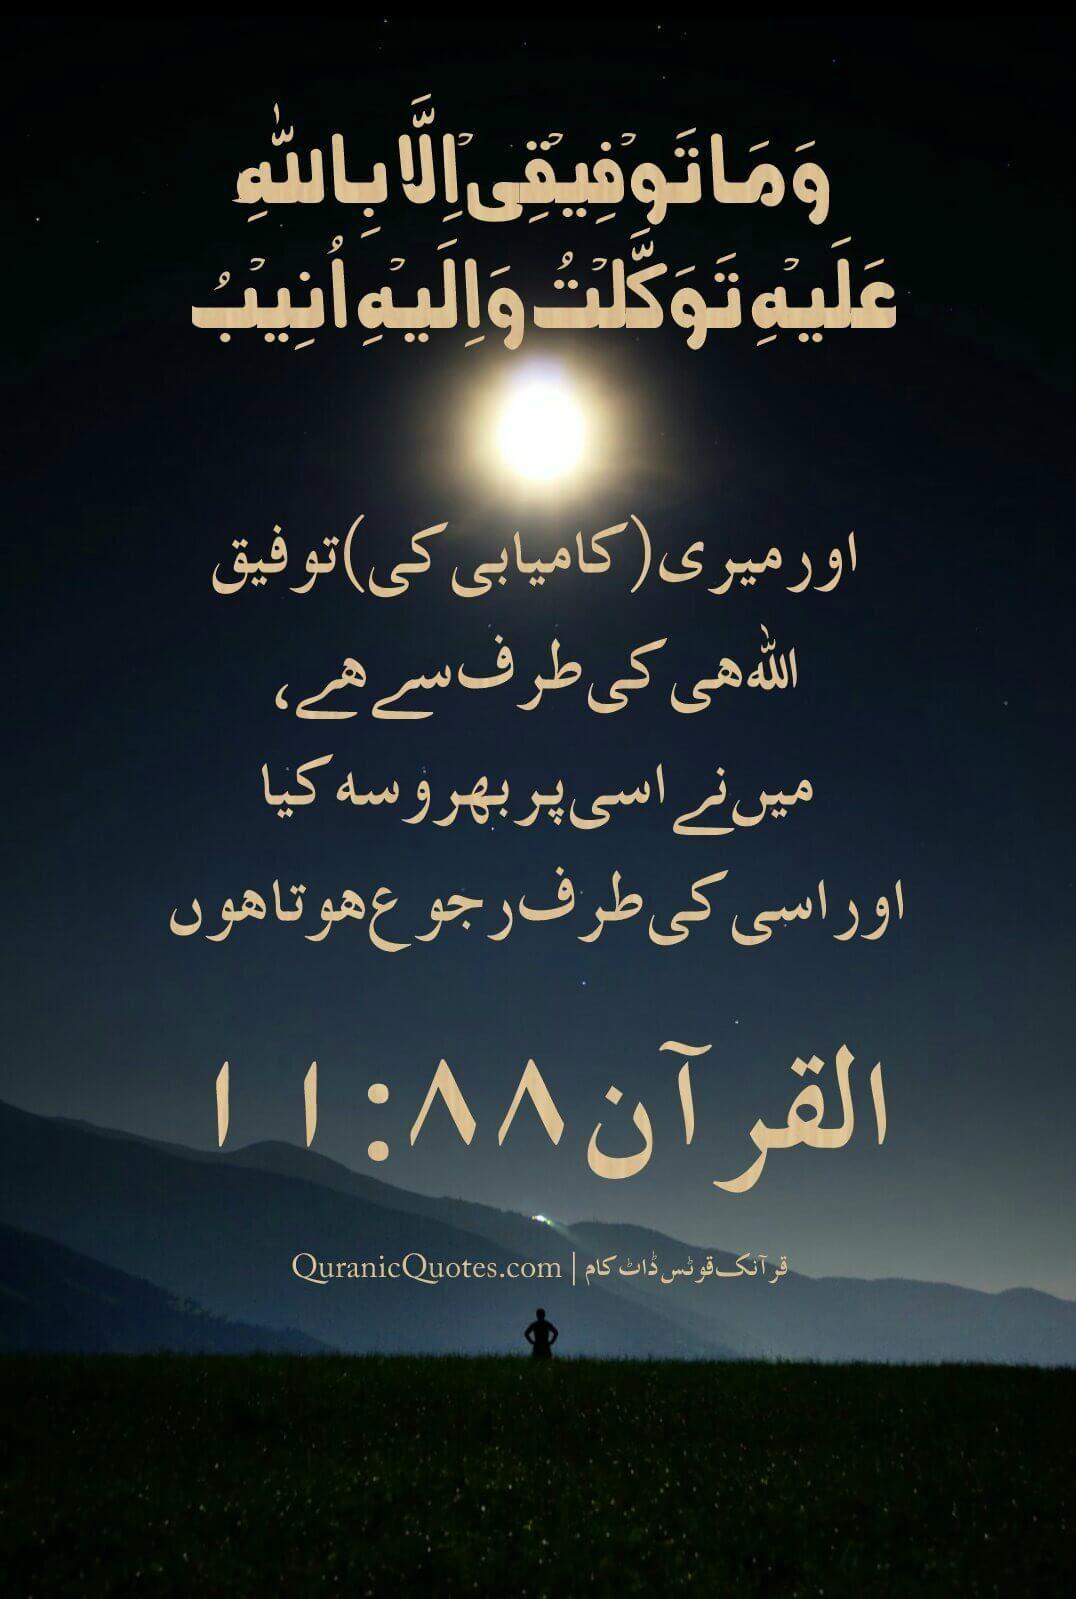 Pin On Allah